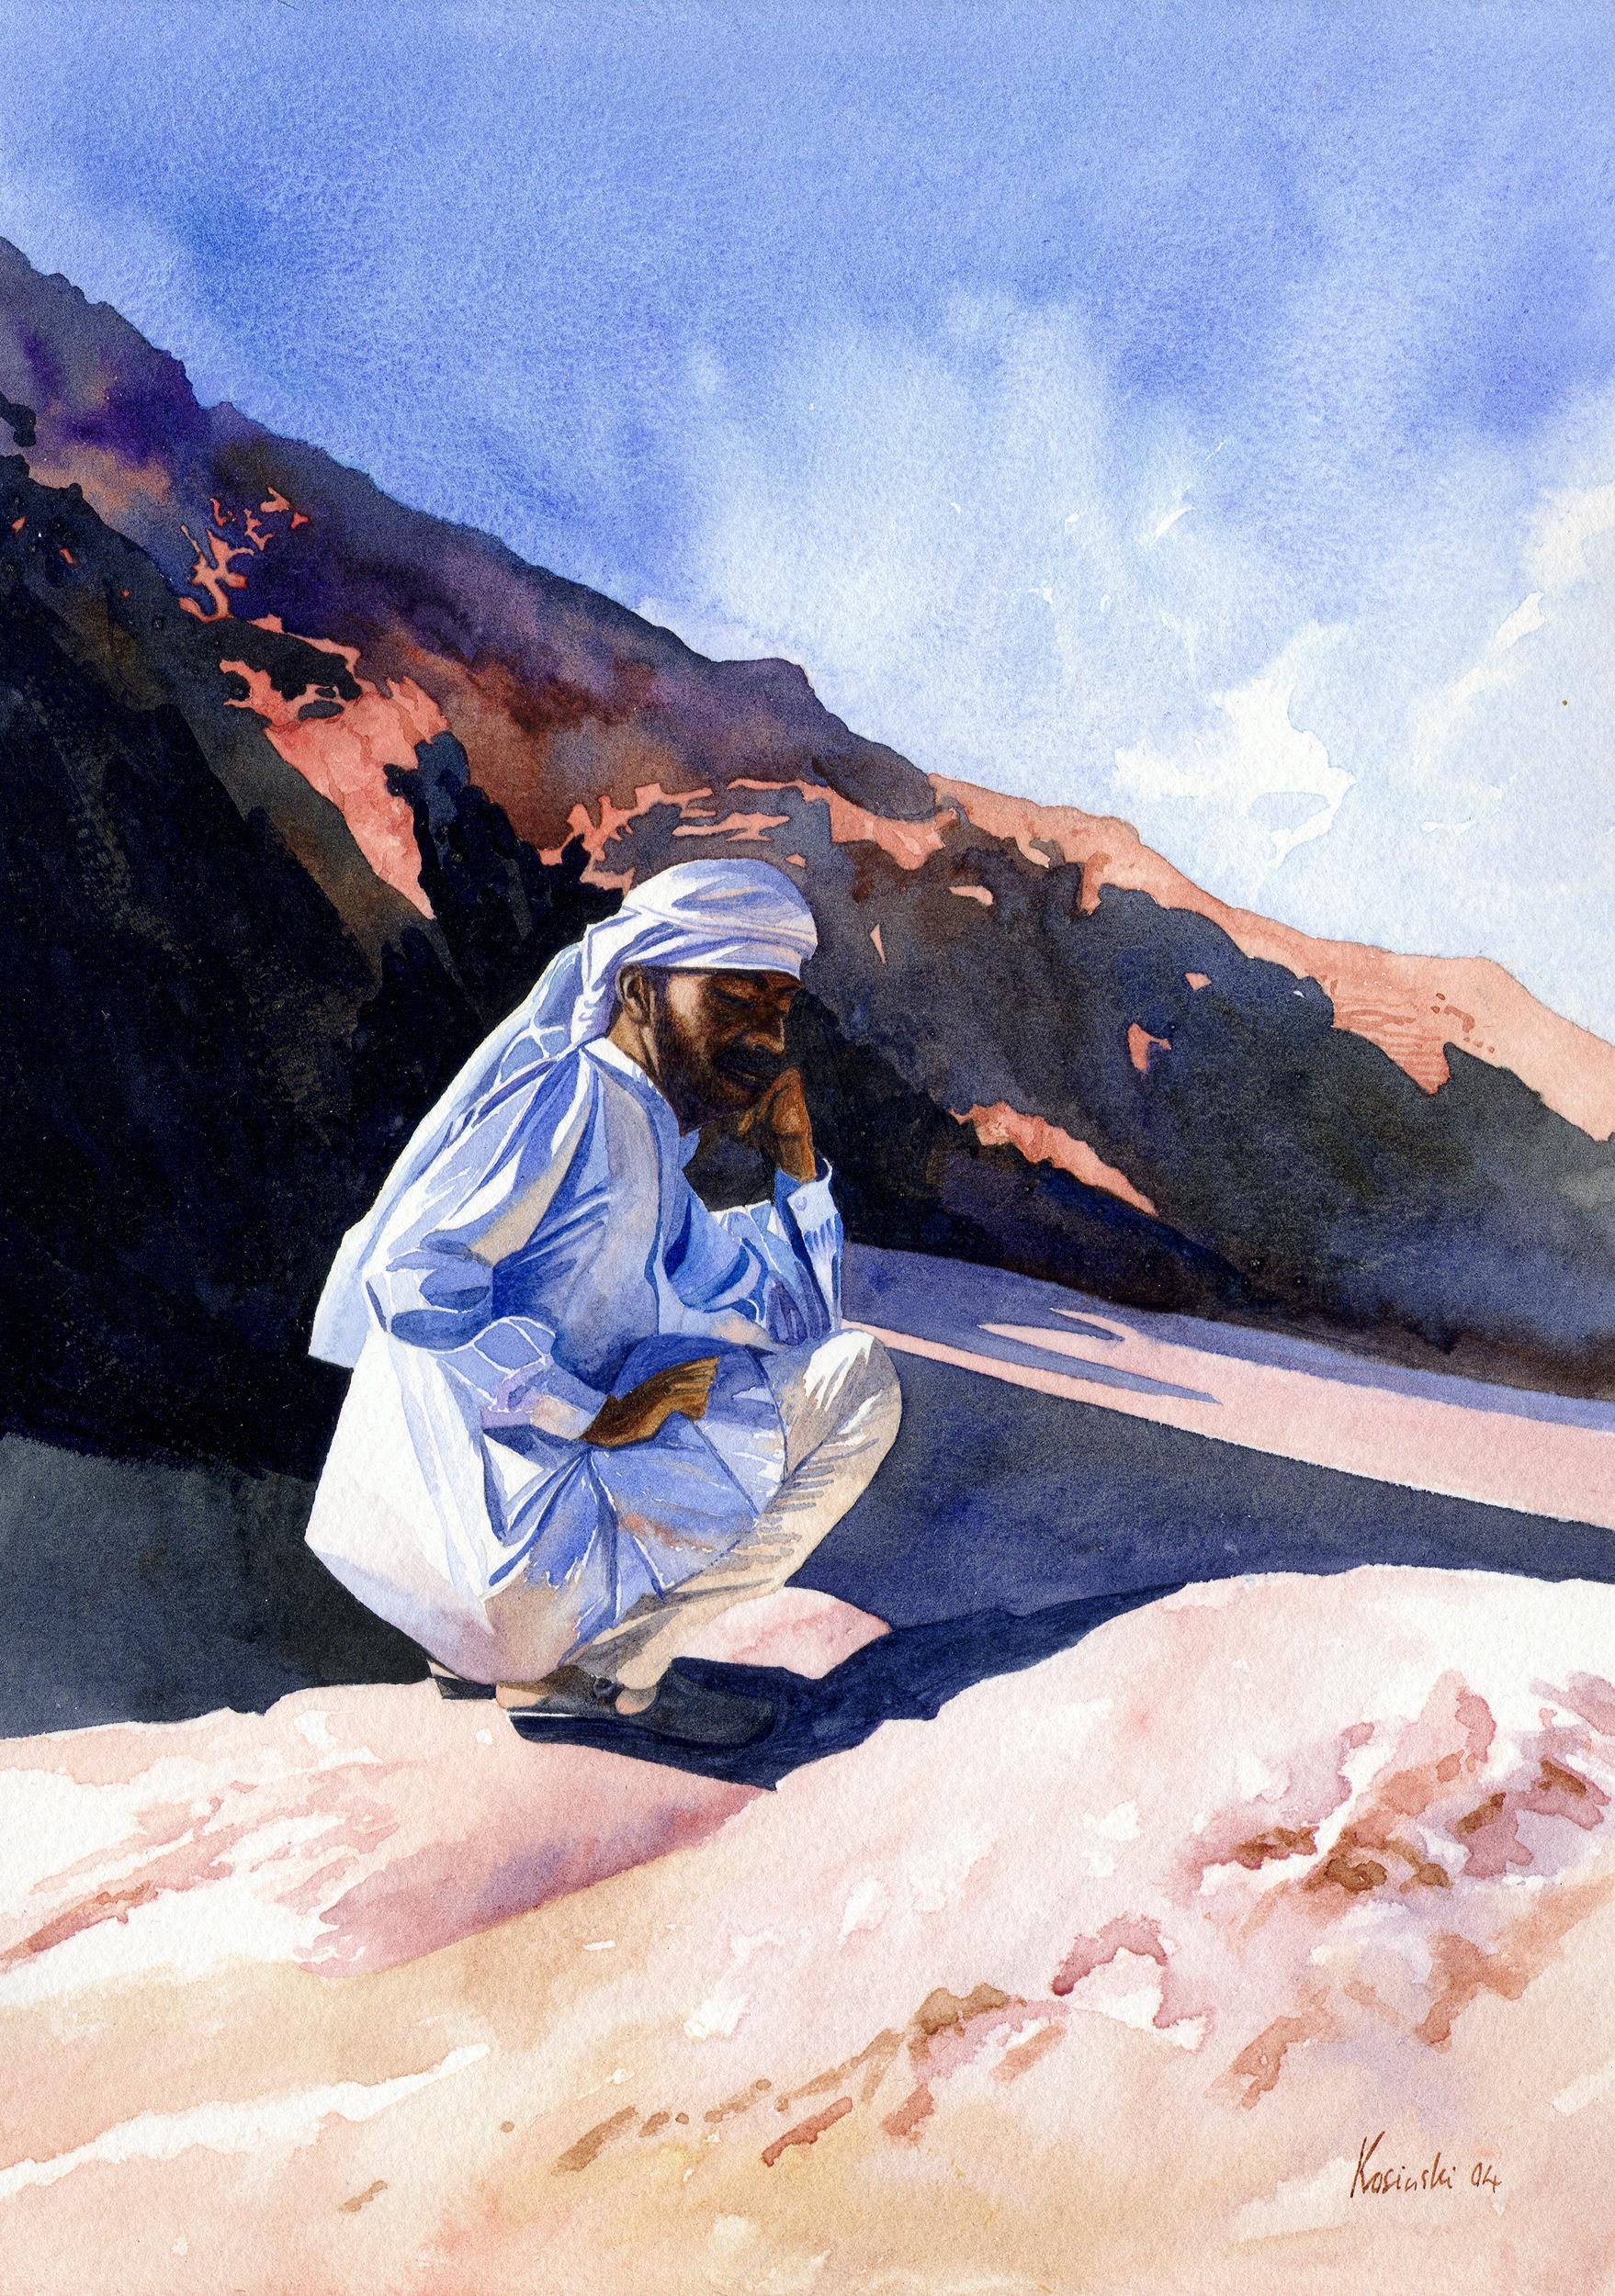 Bedouin Guide, Sinai